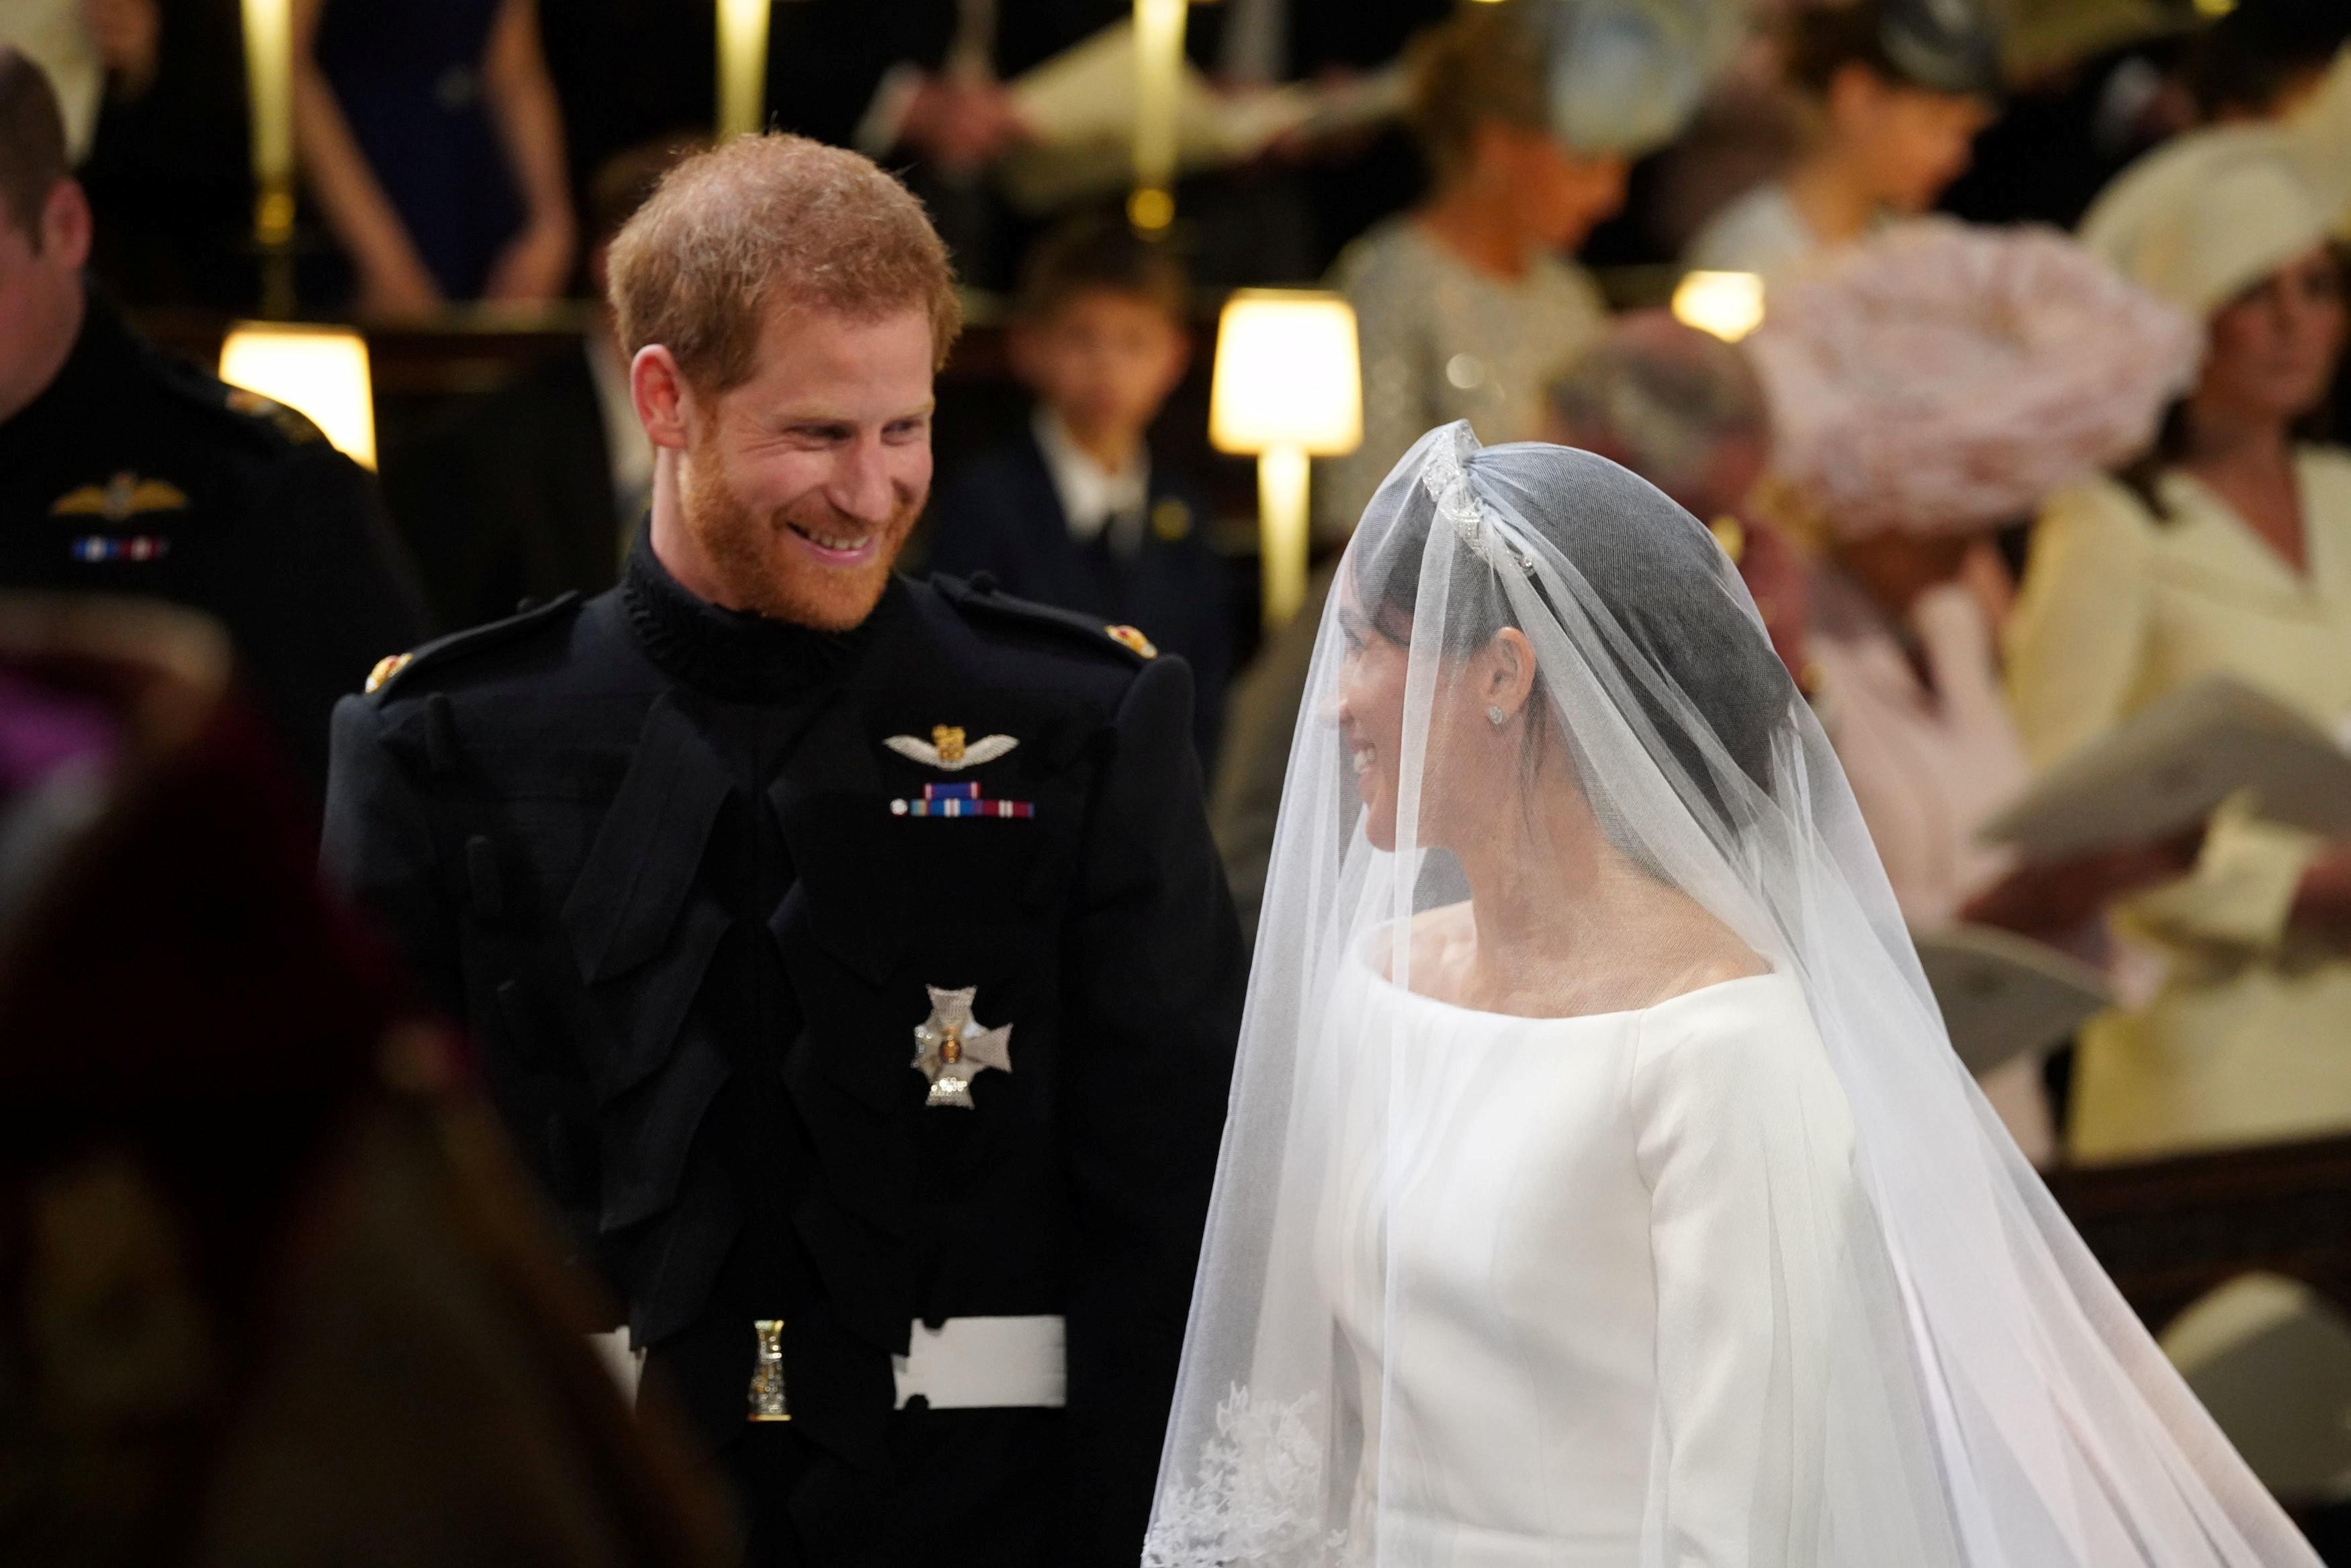 O que Harry disse para Meghan no altar?